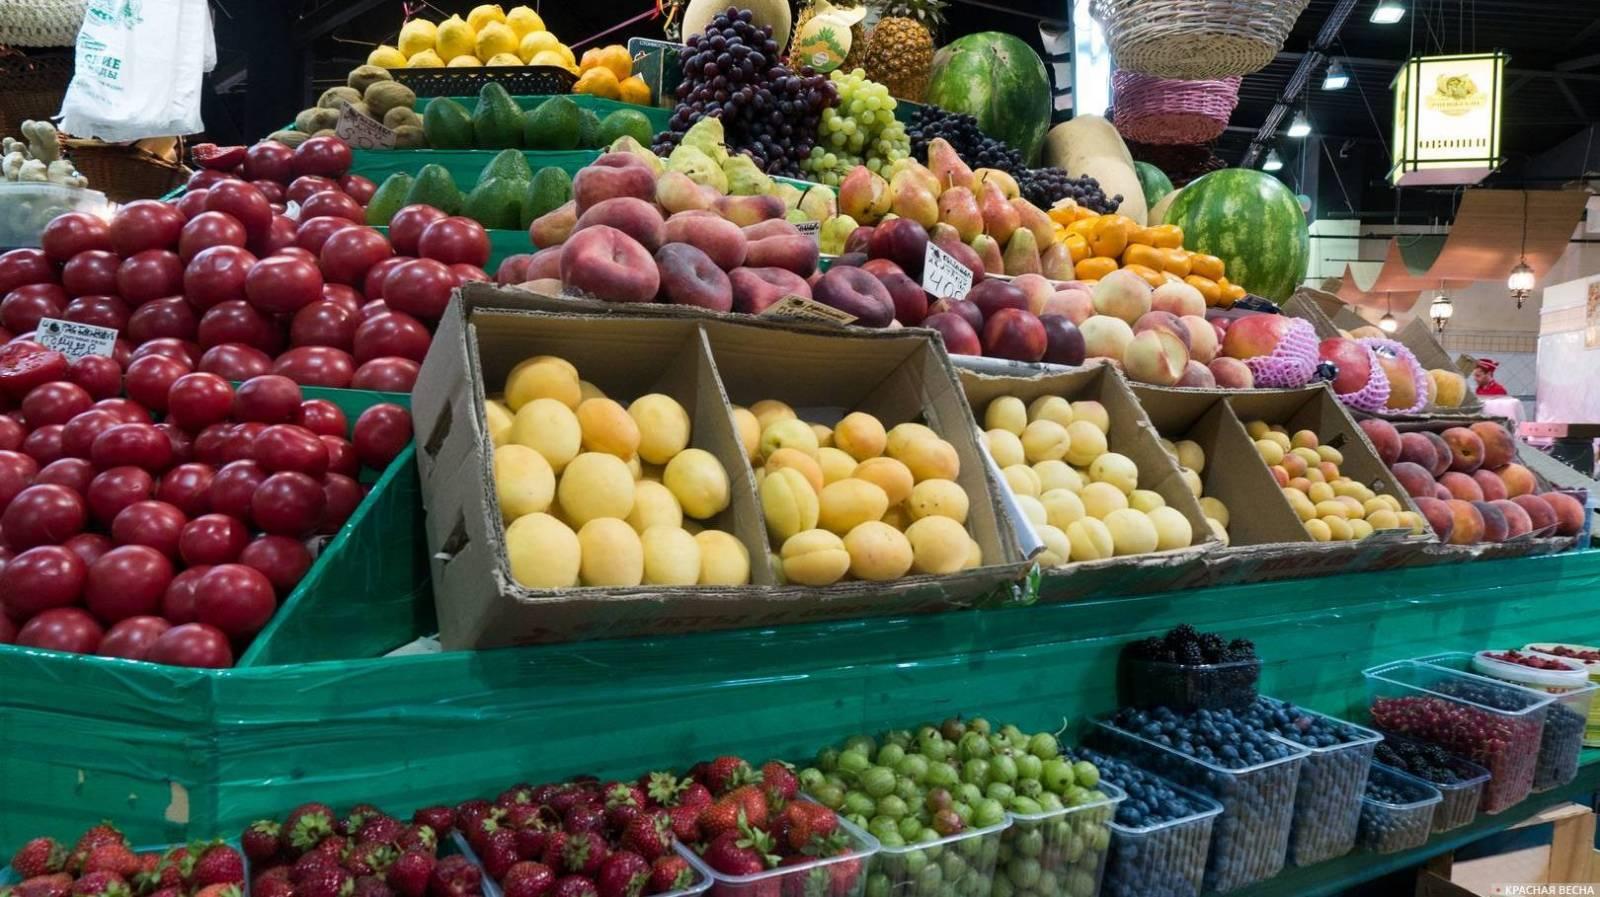 USAID подготовил справочник экспортеров плодоовощной продукции из стран ЦА